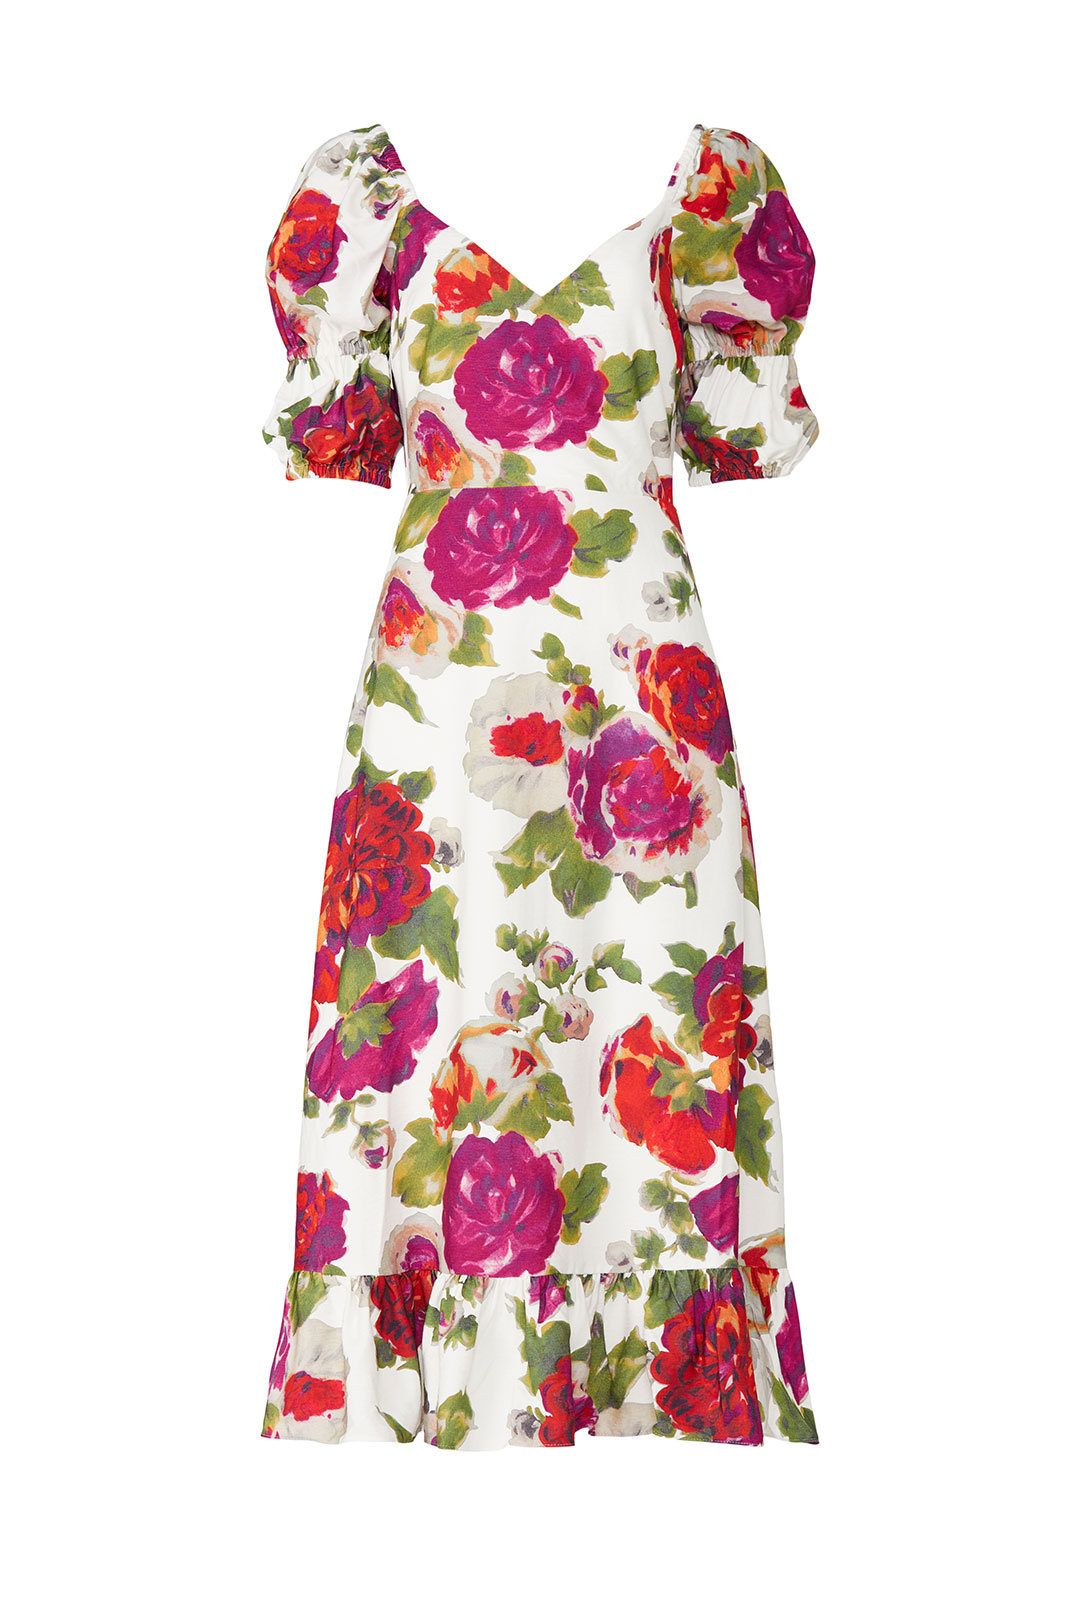 Beyond Midi Dress By La Maison Talulah For 40 55 Rent The Runway Dresses La Maison Talulah Midi Dress